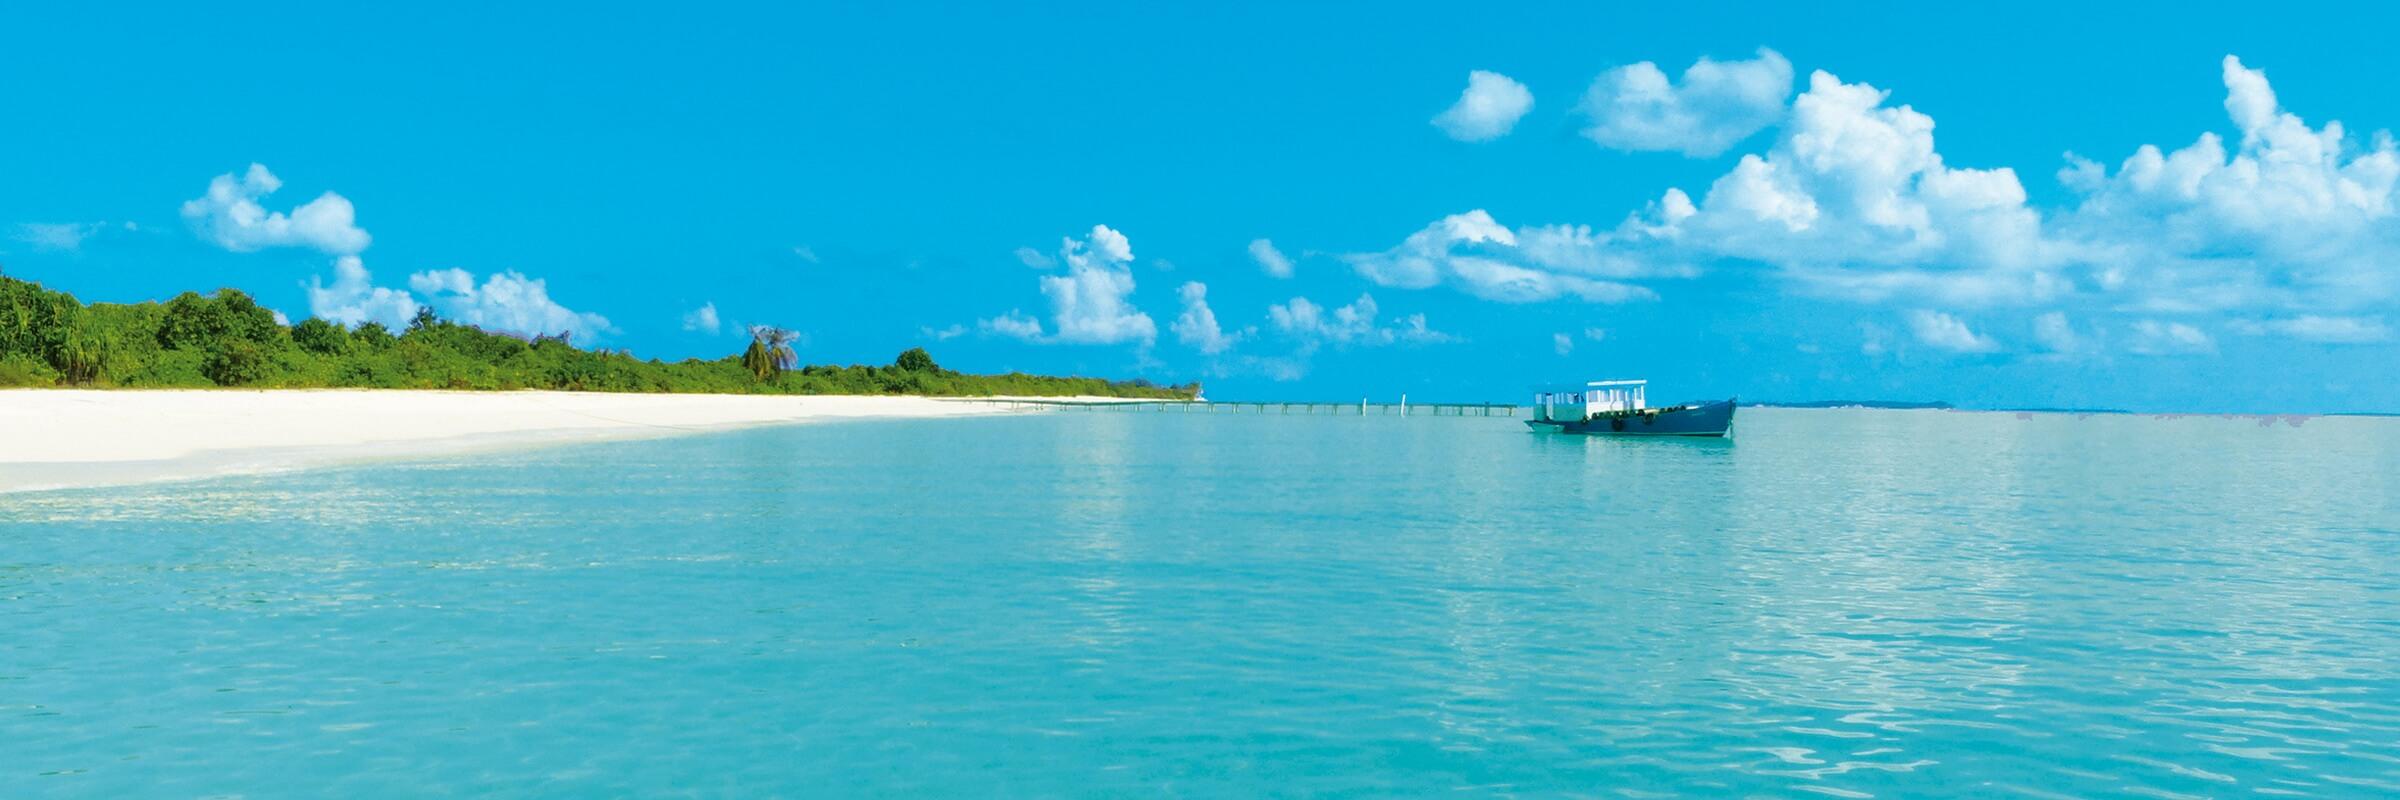 Das Hondaafushi Island Resort liegt im fast noch unberührten Haa Dhaalu Atoll und bietet perfekte Tauch- und Schnorchelbedingungen.